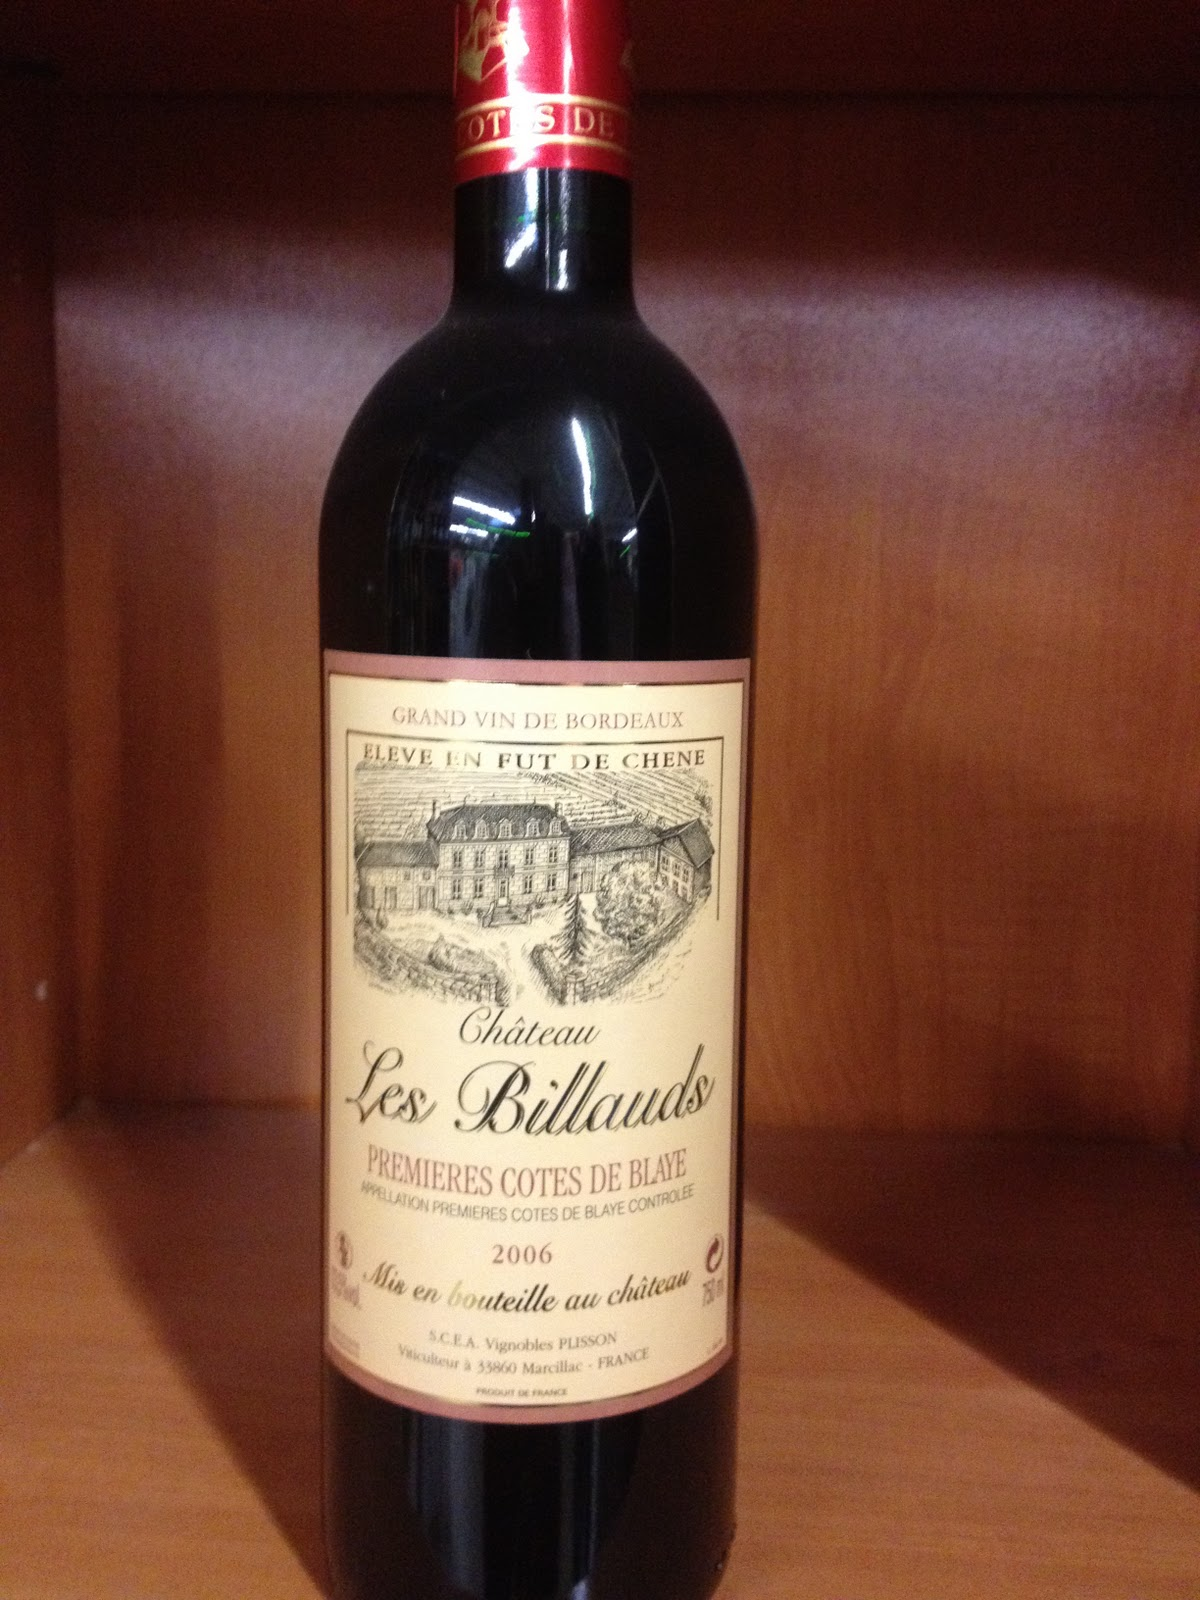 Magasin d stockage loiret d stockage vin loiret - Cave a vin destockage ...